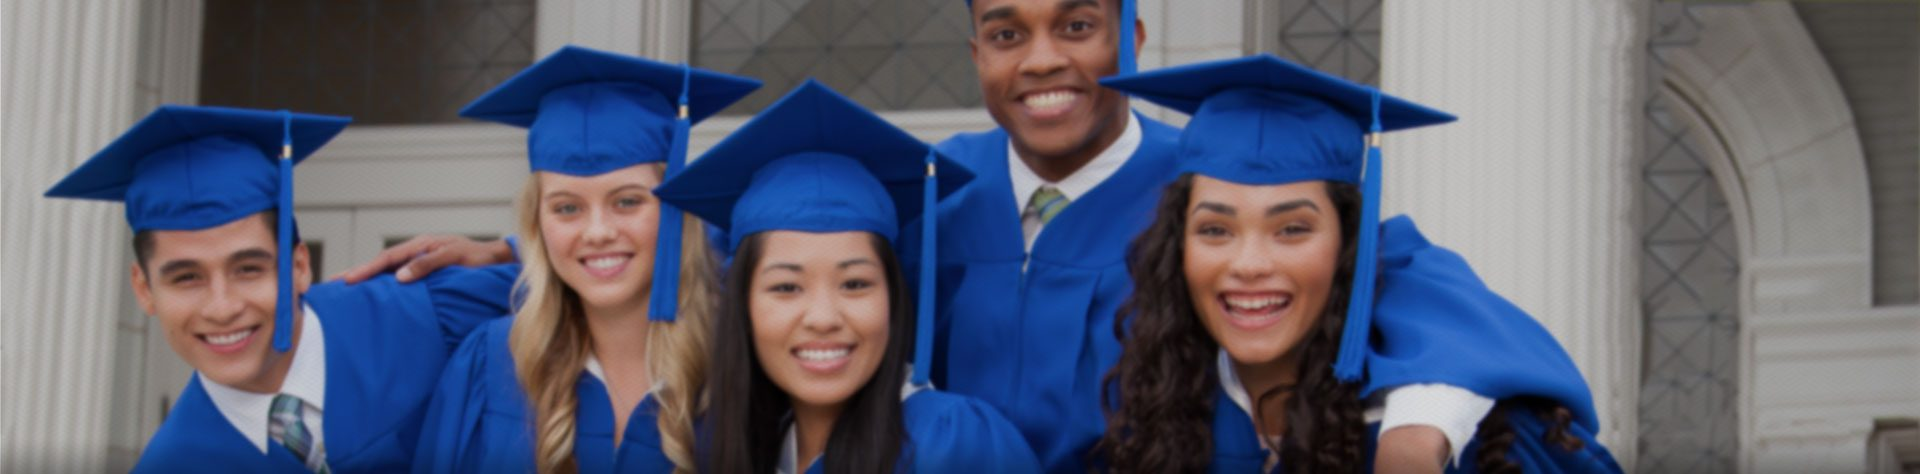 Graduation celebraton